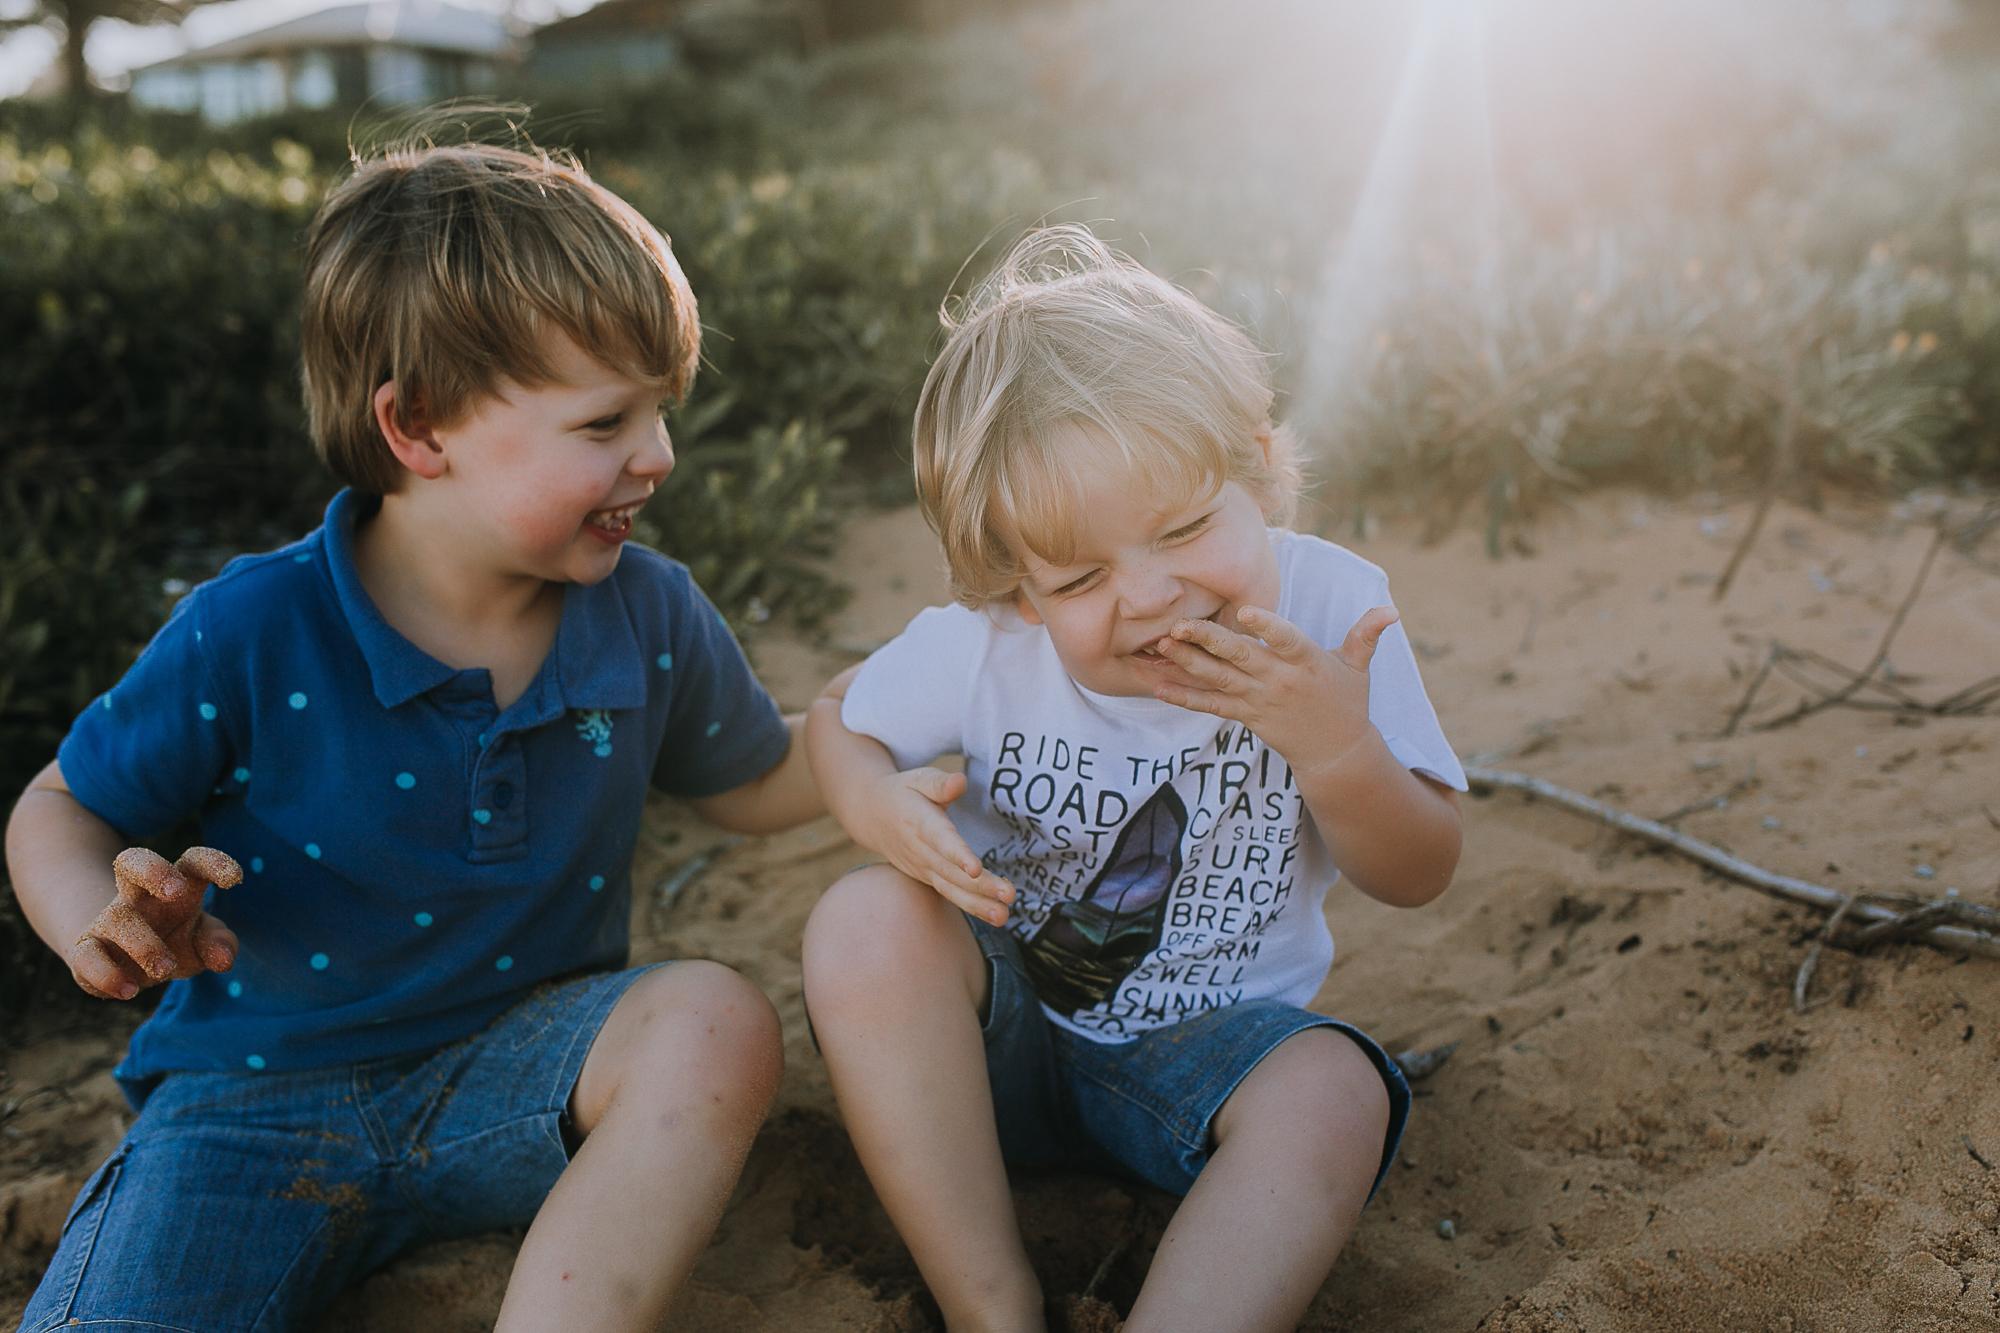 Central coast family photographerCentral coast family photographer-68.jpg